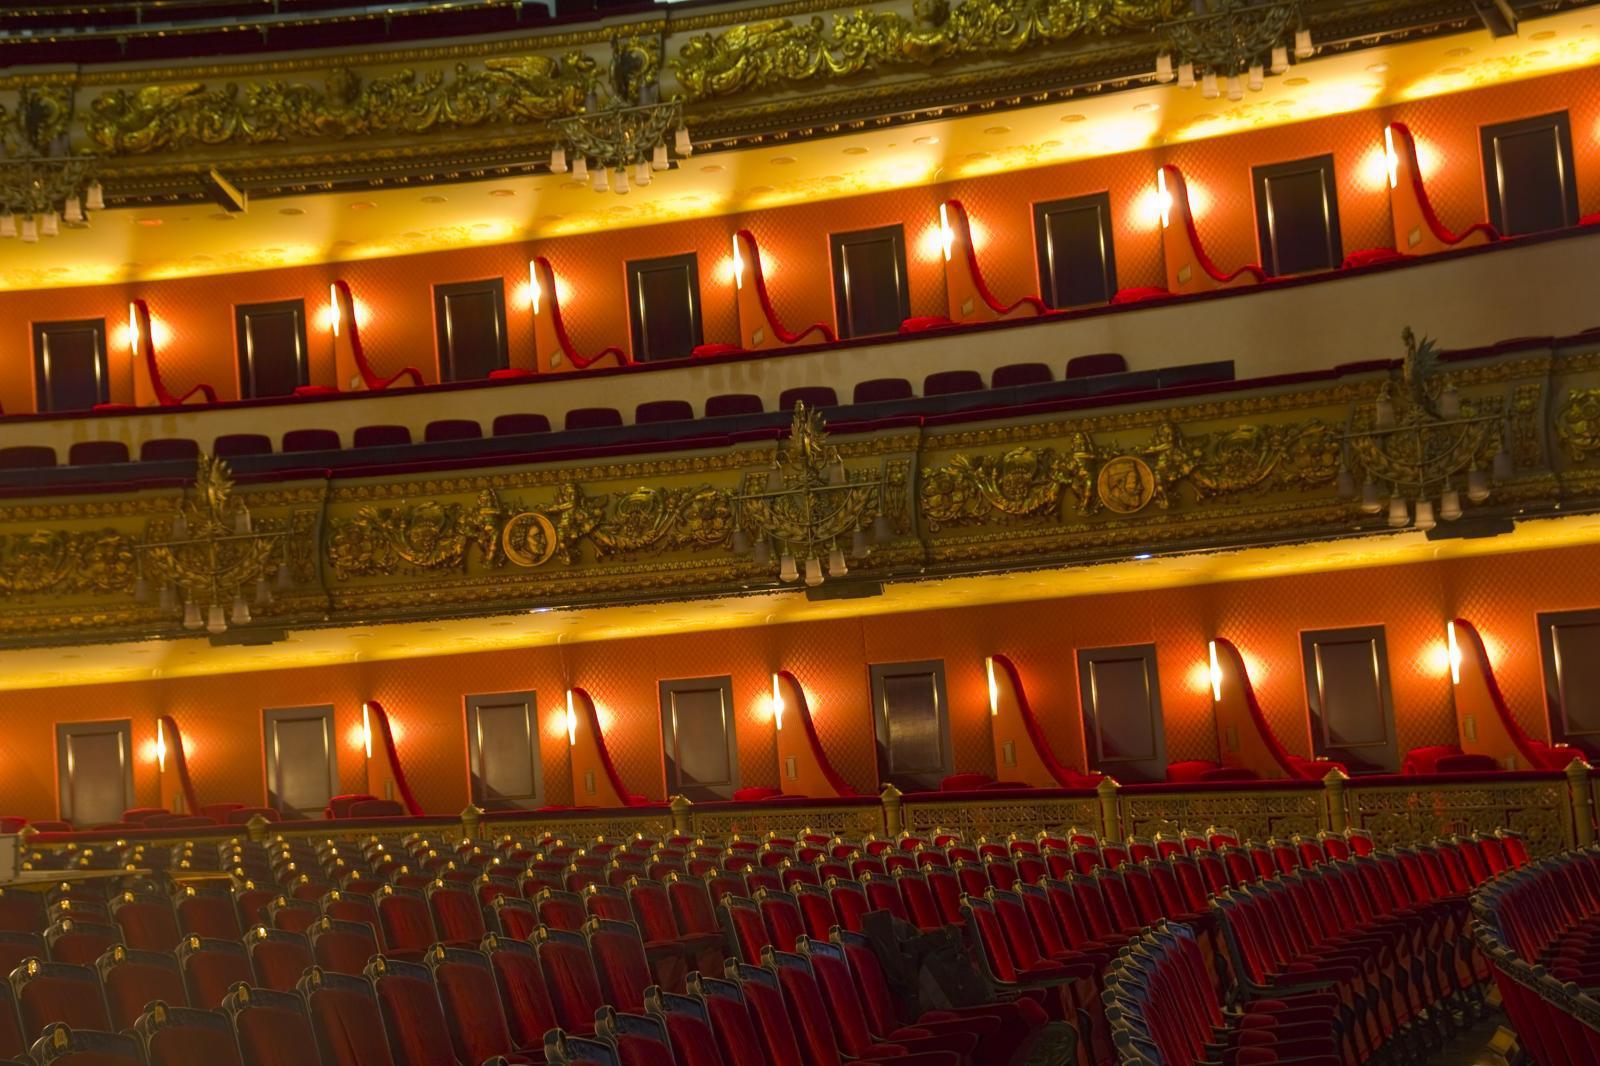 """โรงอุปรากรสเปนเตรียมเปิดใหม่หลังโควิด-19 ด้วย """"คอนเสิร์ตสำหรับต้นไม้"""""""